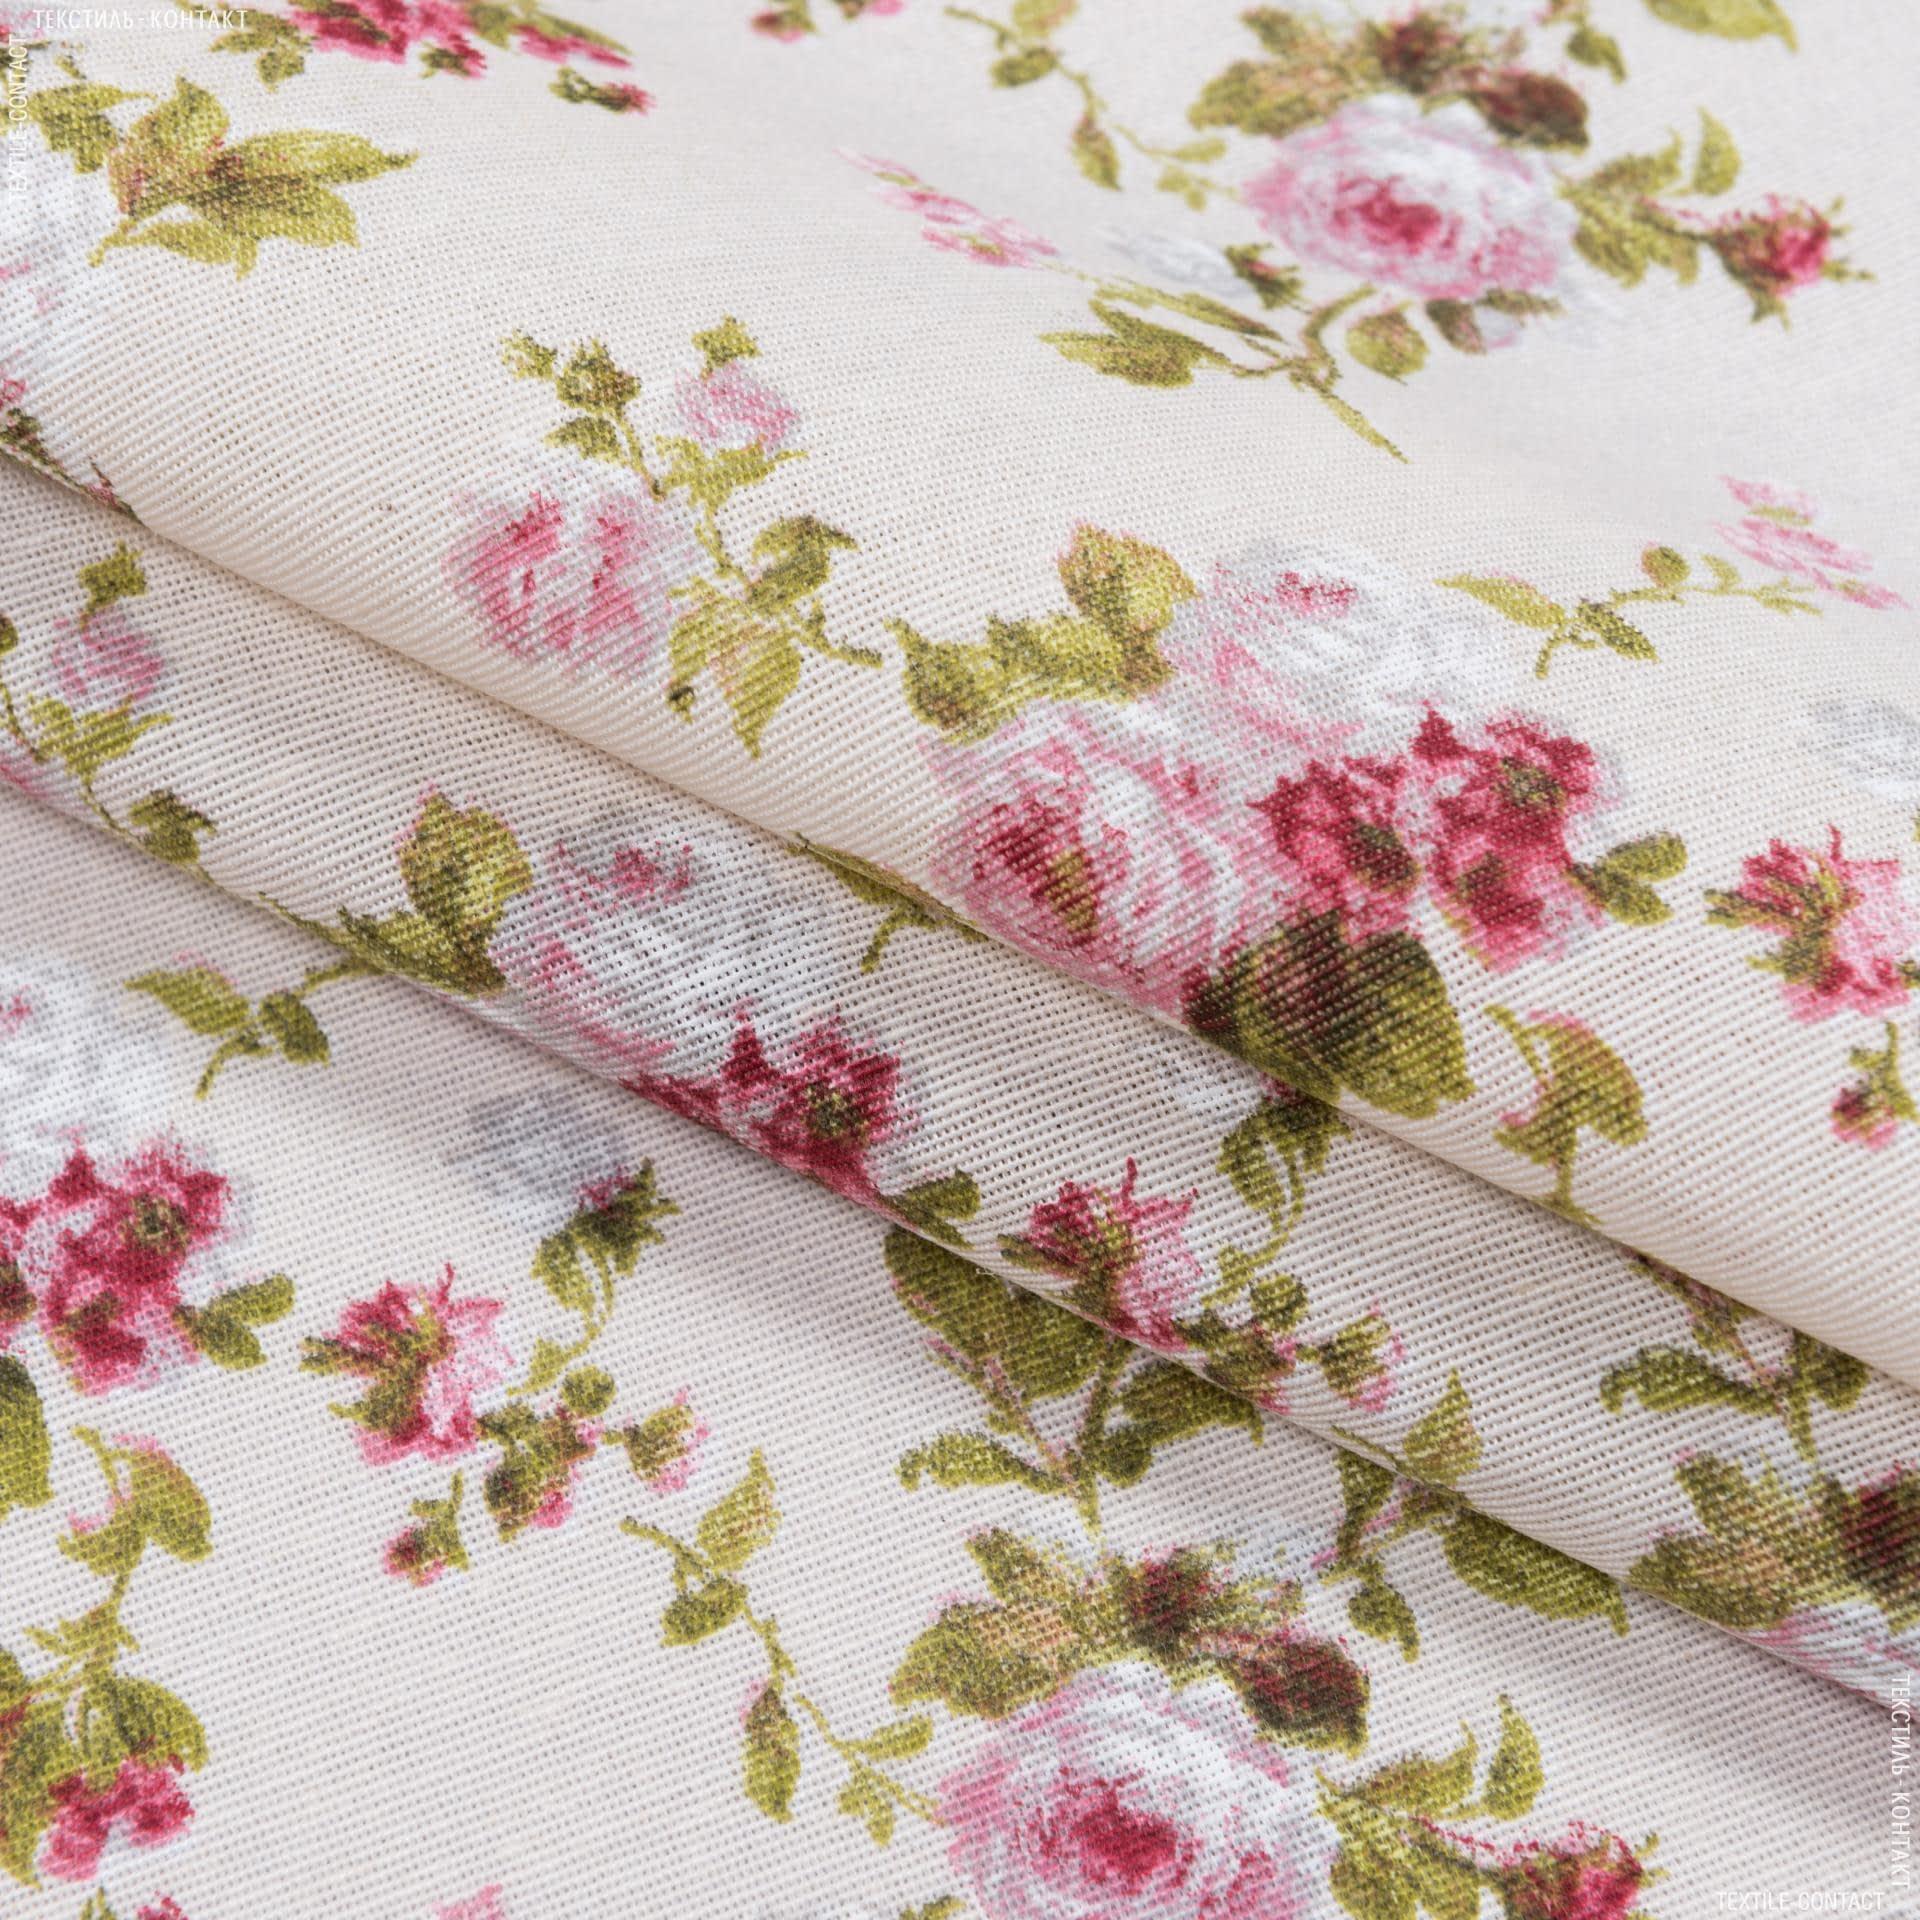 Ткани портьерные ткани - Декоративная ткань  лонета    Флорал / Floral  цветы мелкие гранат ,фон молочный